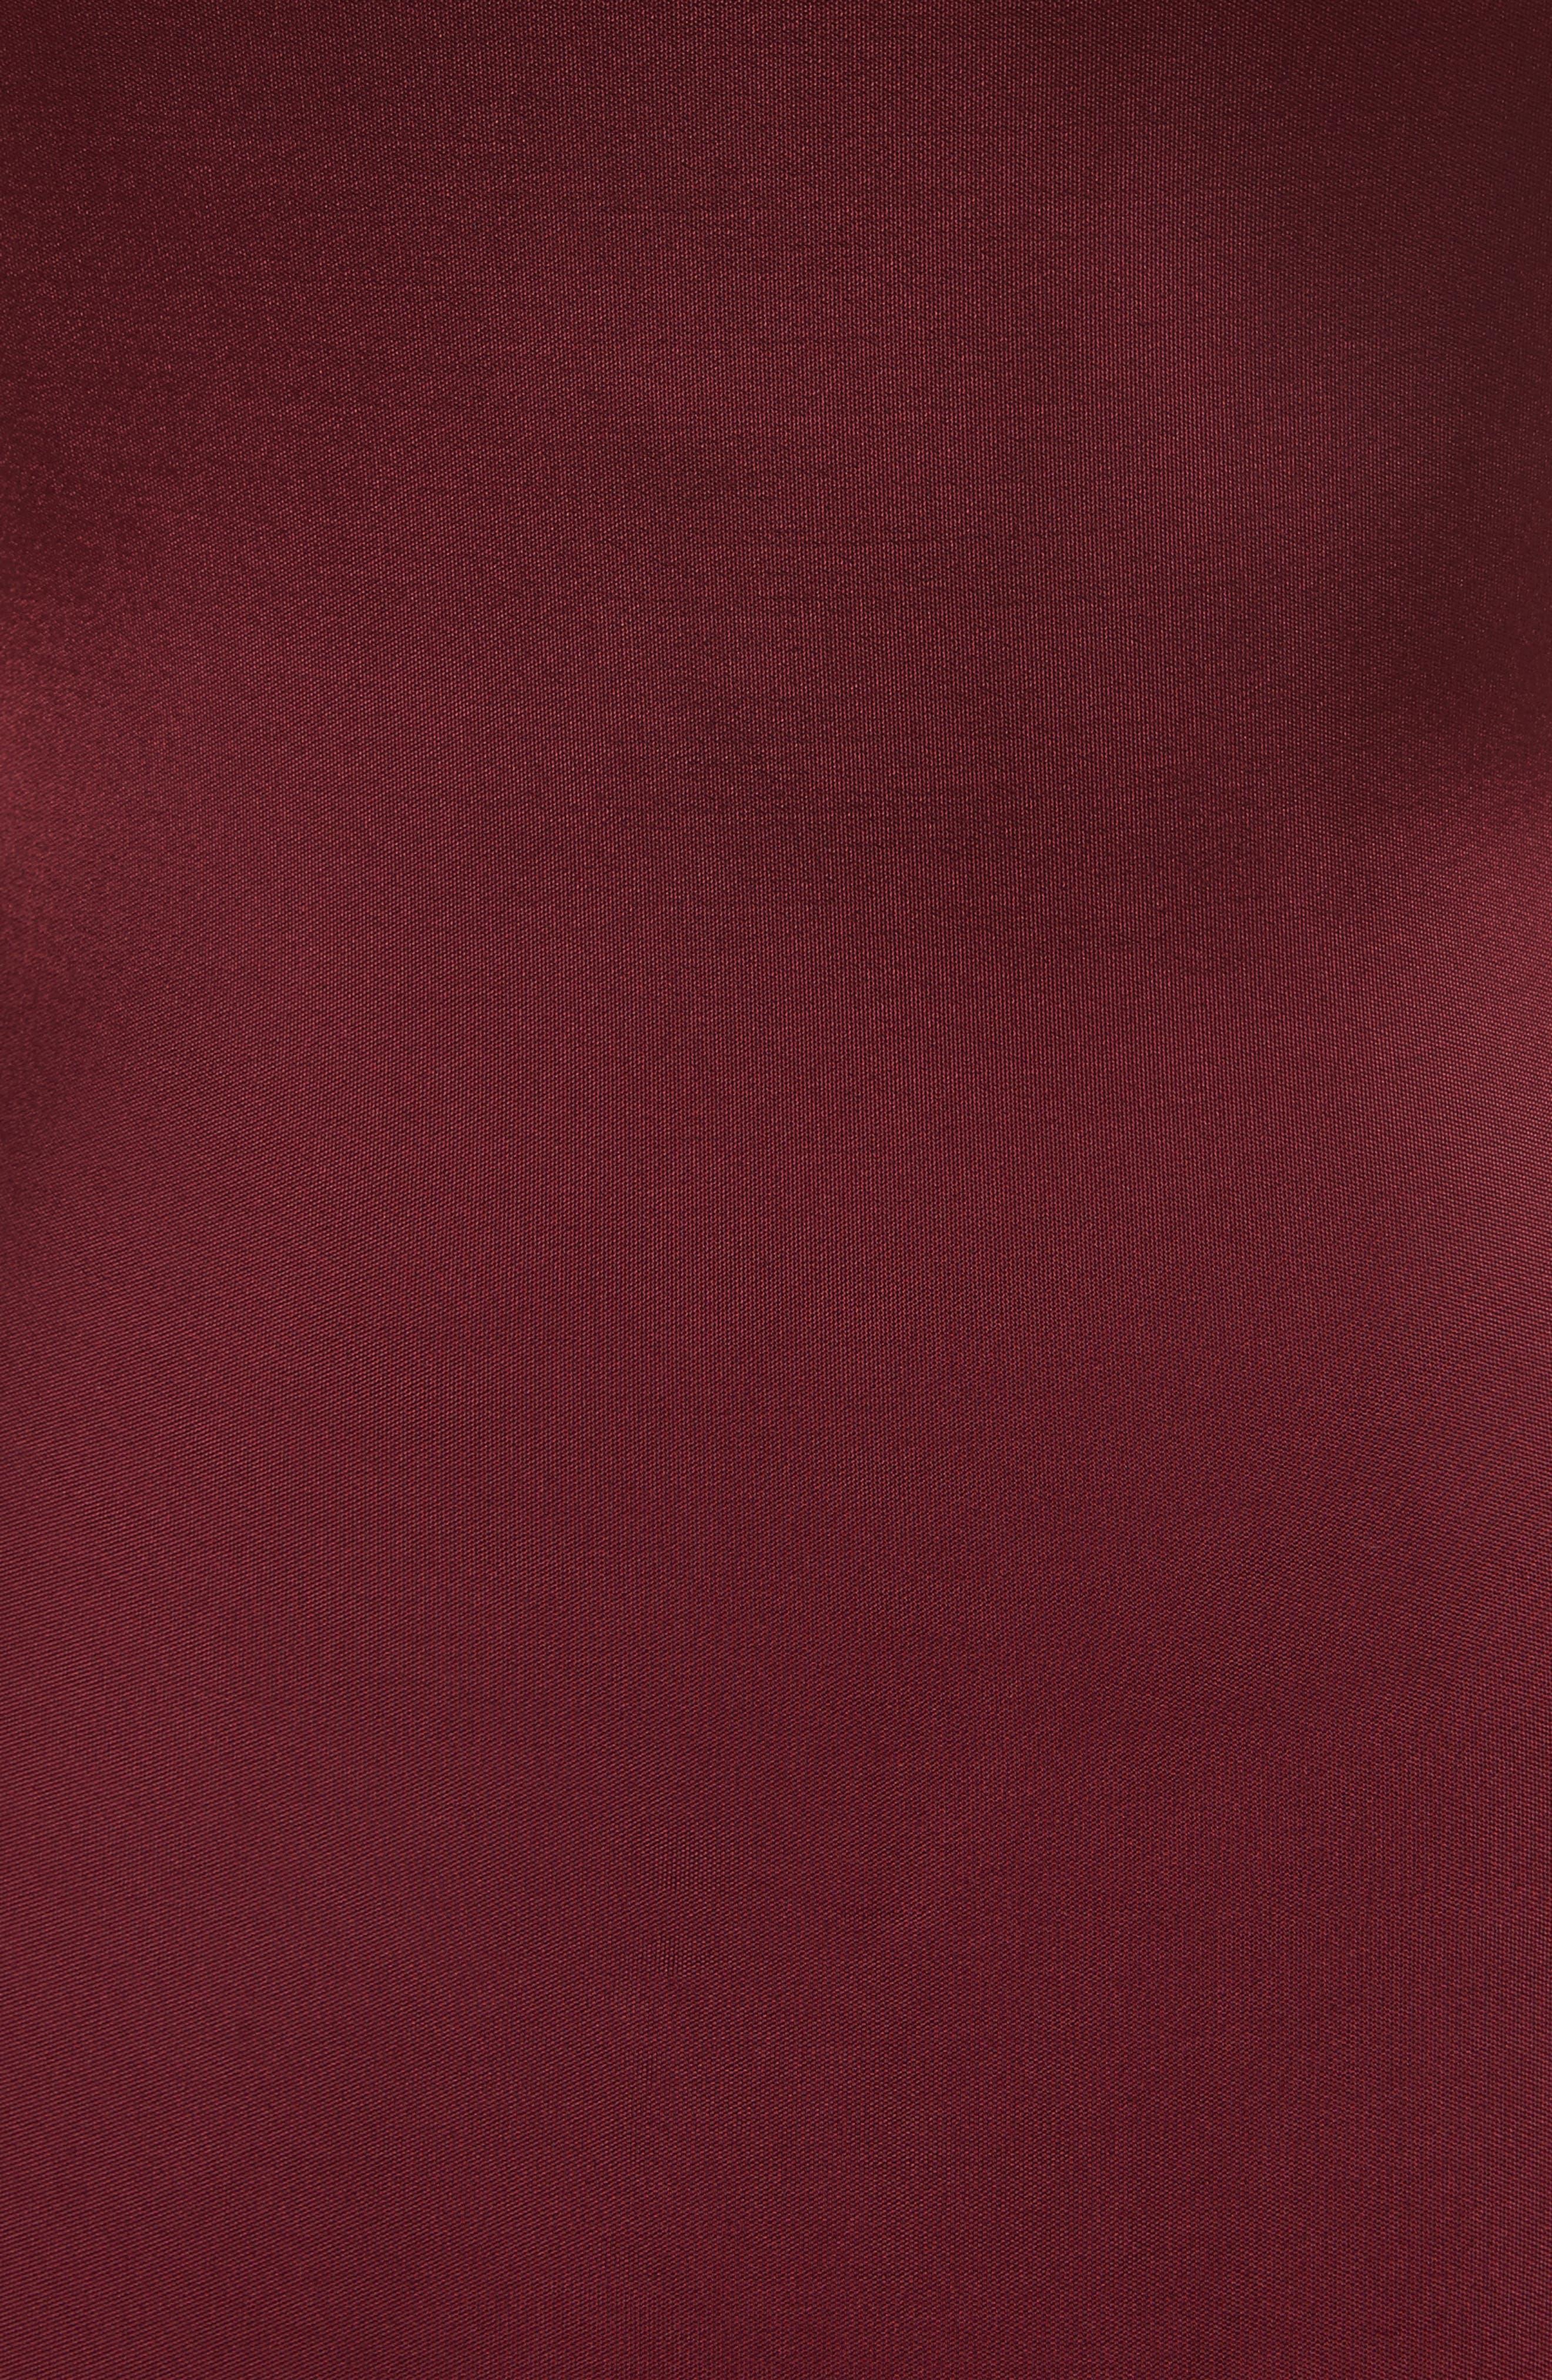 One-Shoulder Twist Gown,                             Alternate thumbnail 6, color,                             AUBURN